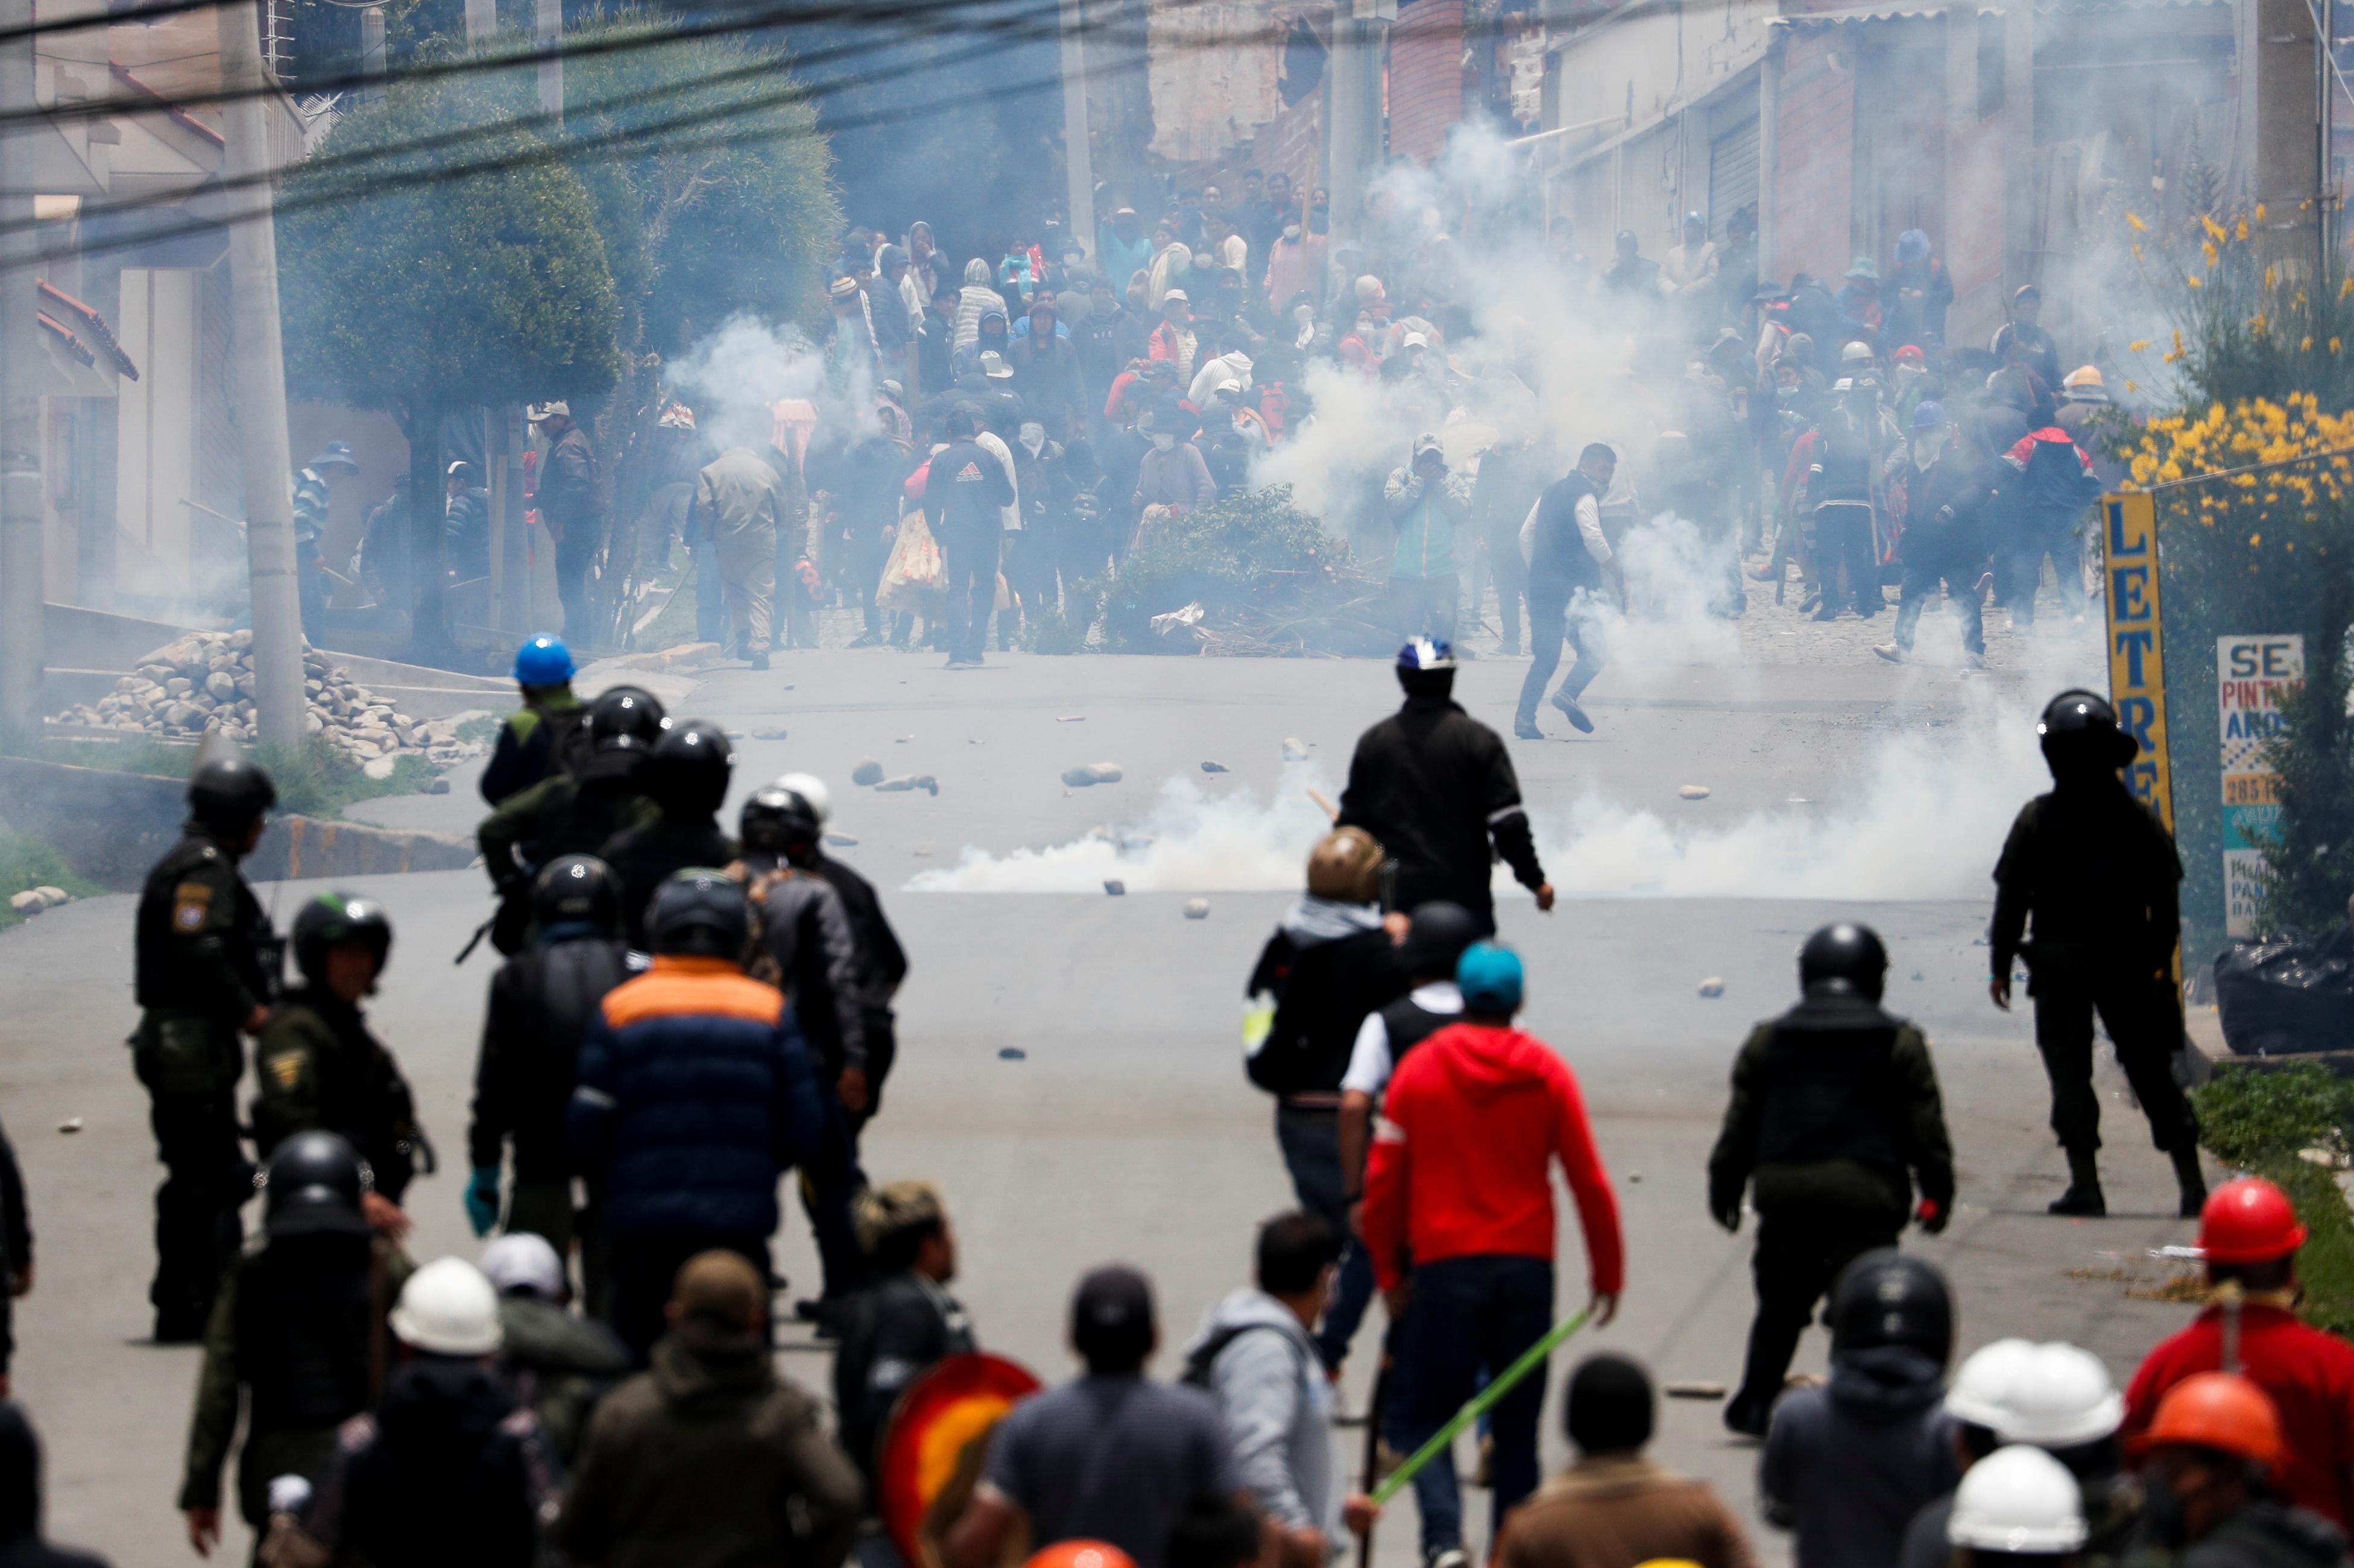 La Bolivie est dans le chaos, Evo Morales se réfugie au Mexique